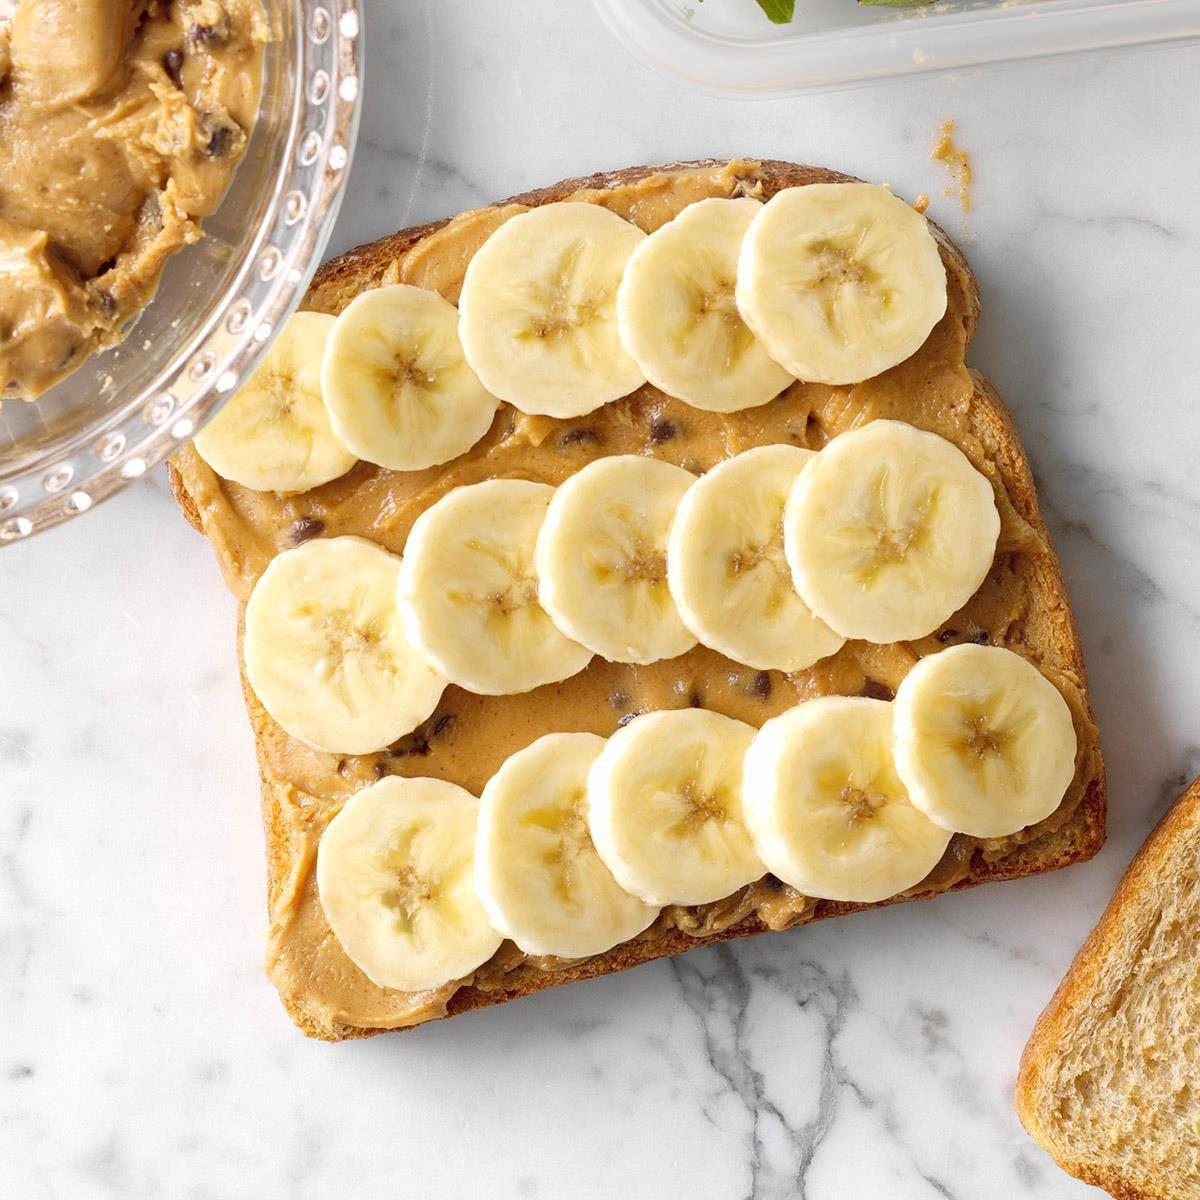 Les glucides des bananes sont bons pour la santé.